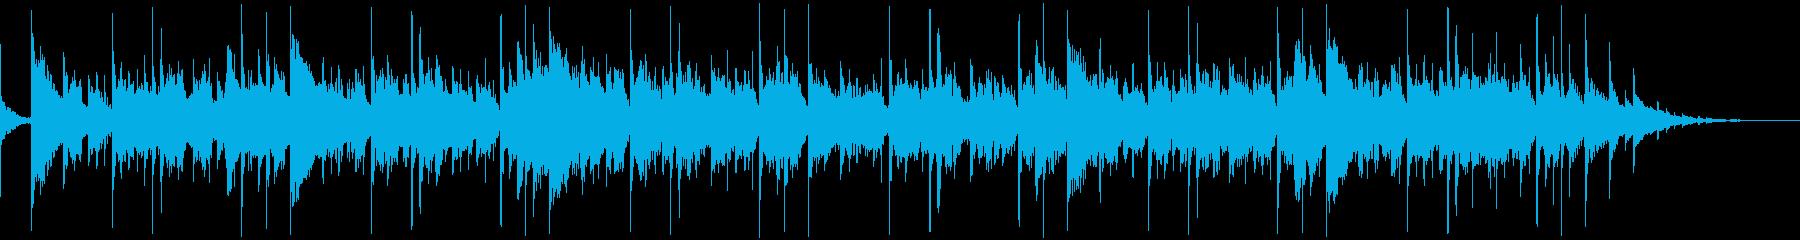 微妙な電子パルス。情報の流れ、デー...の再生済みの波形